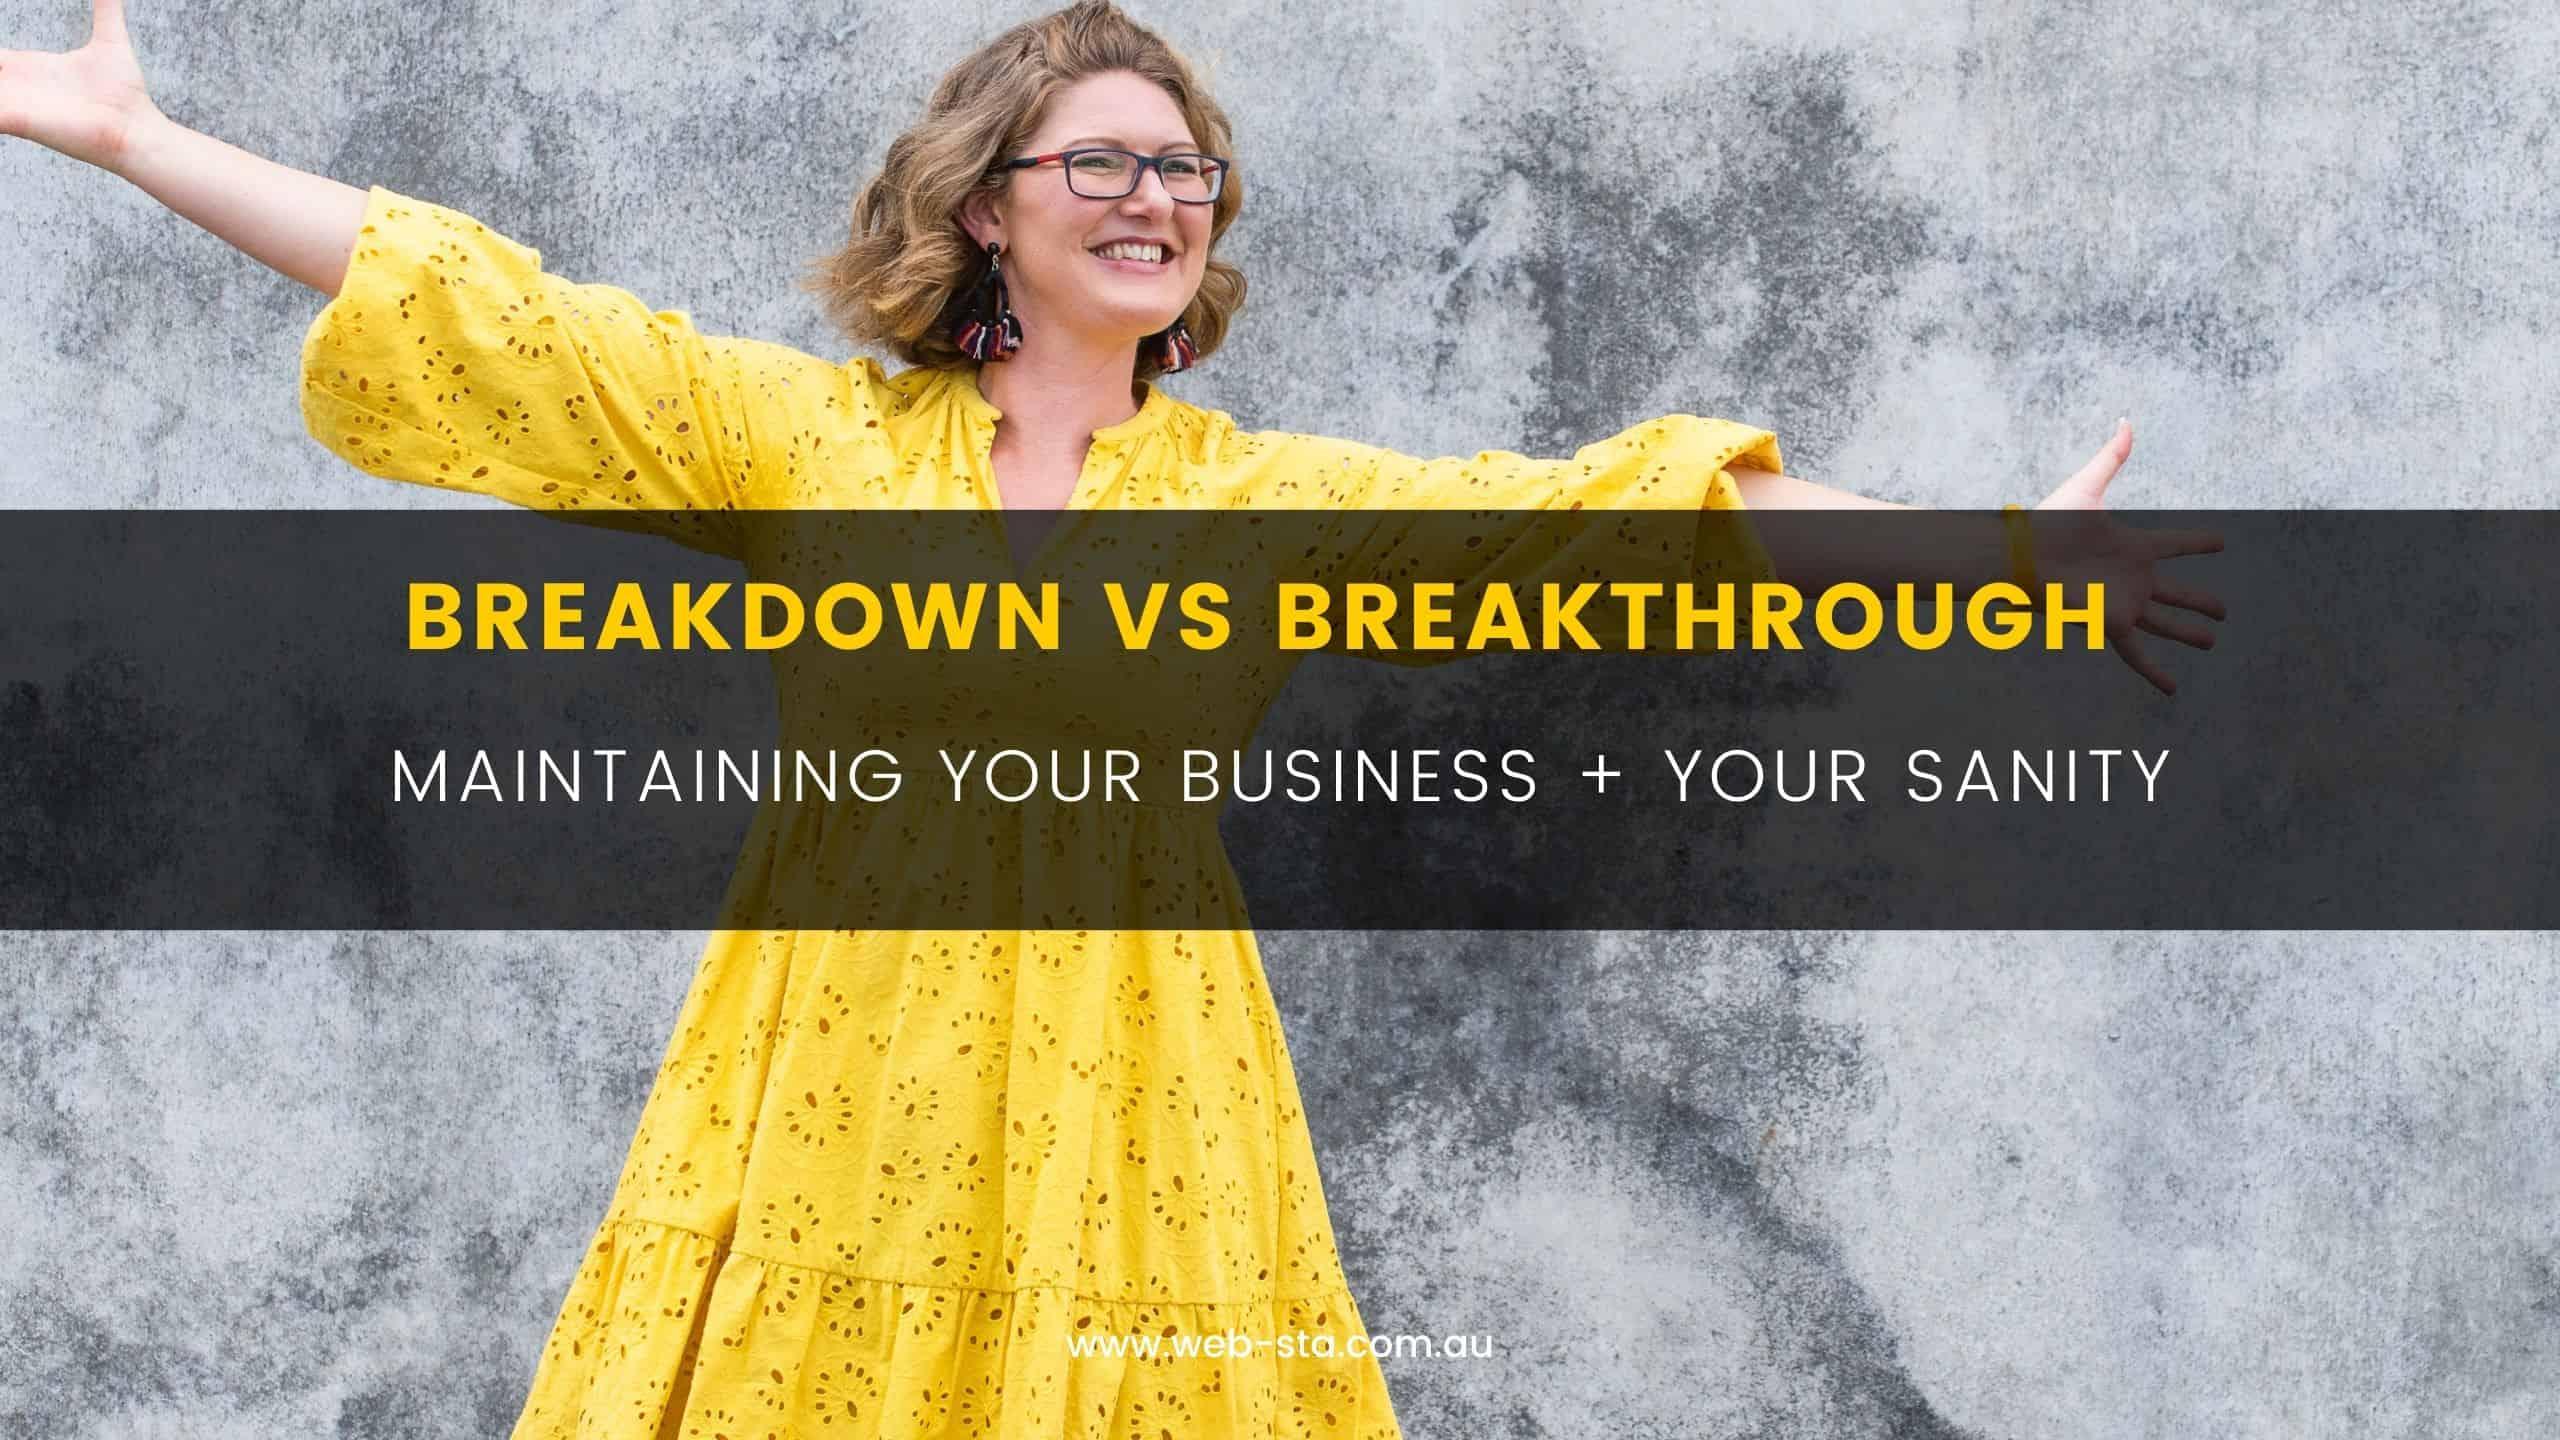 Blog Breakdown vs Breakthrough - Maintaining Your Business + Your Sanity